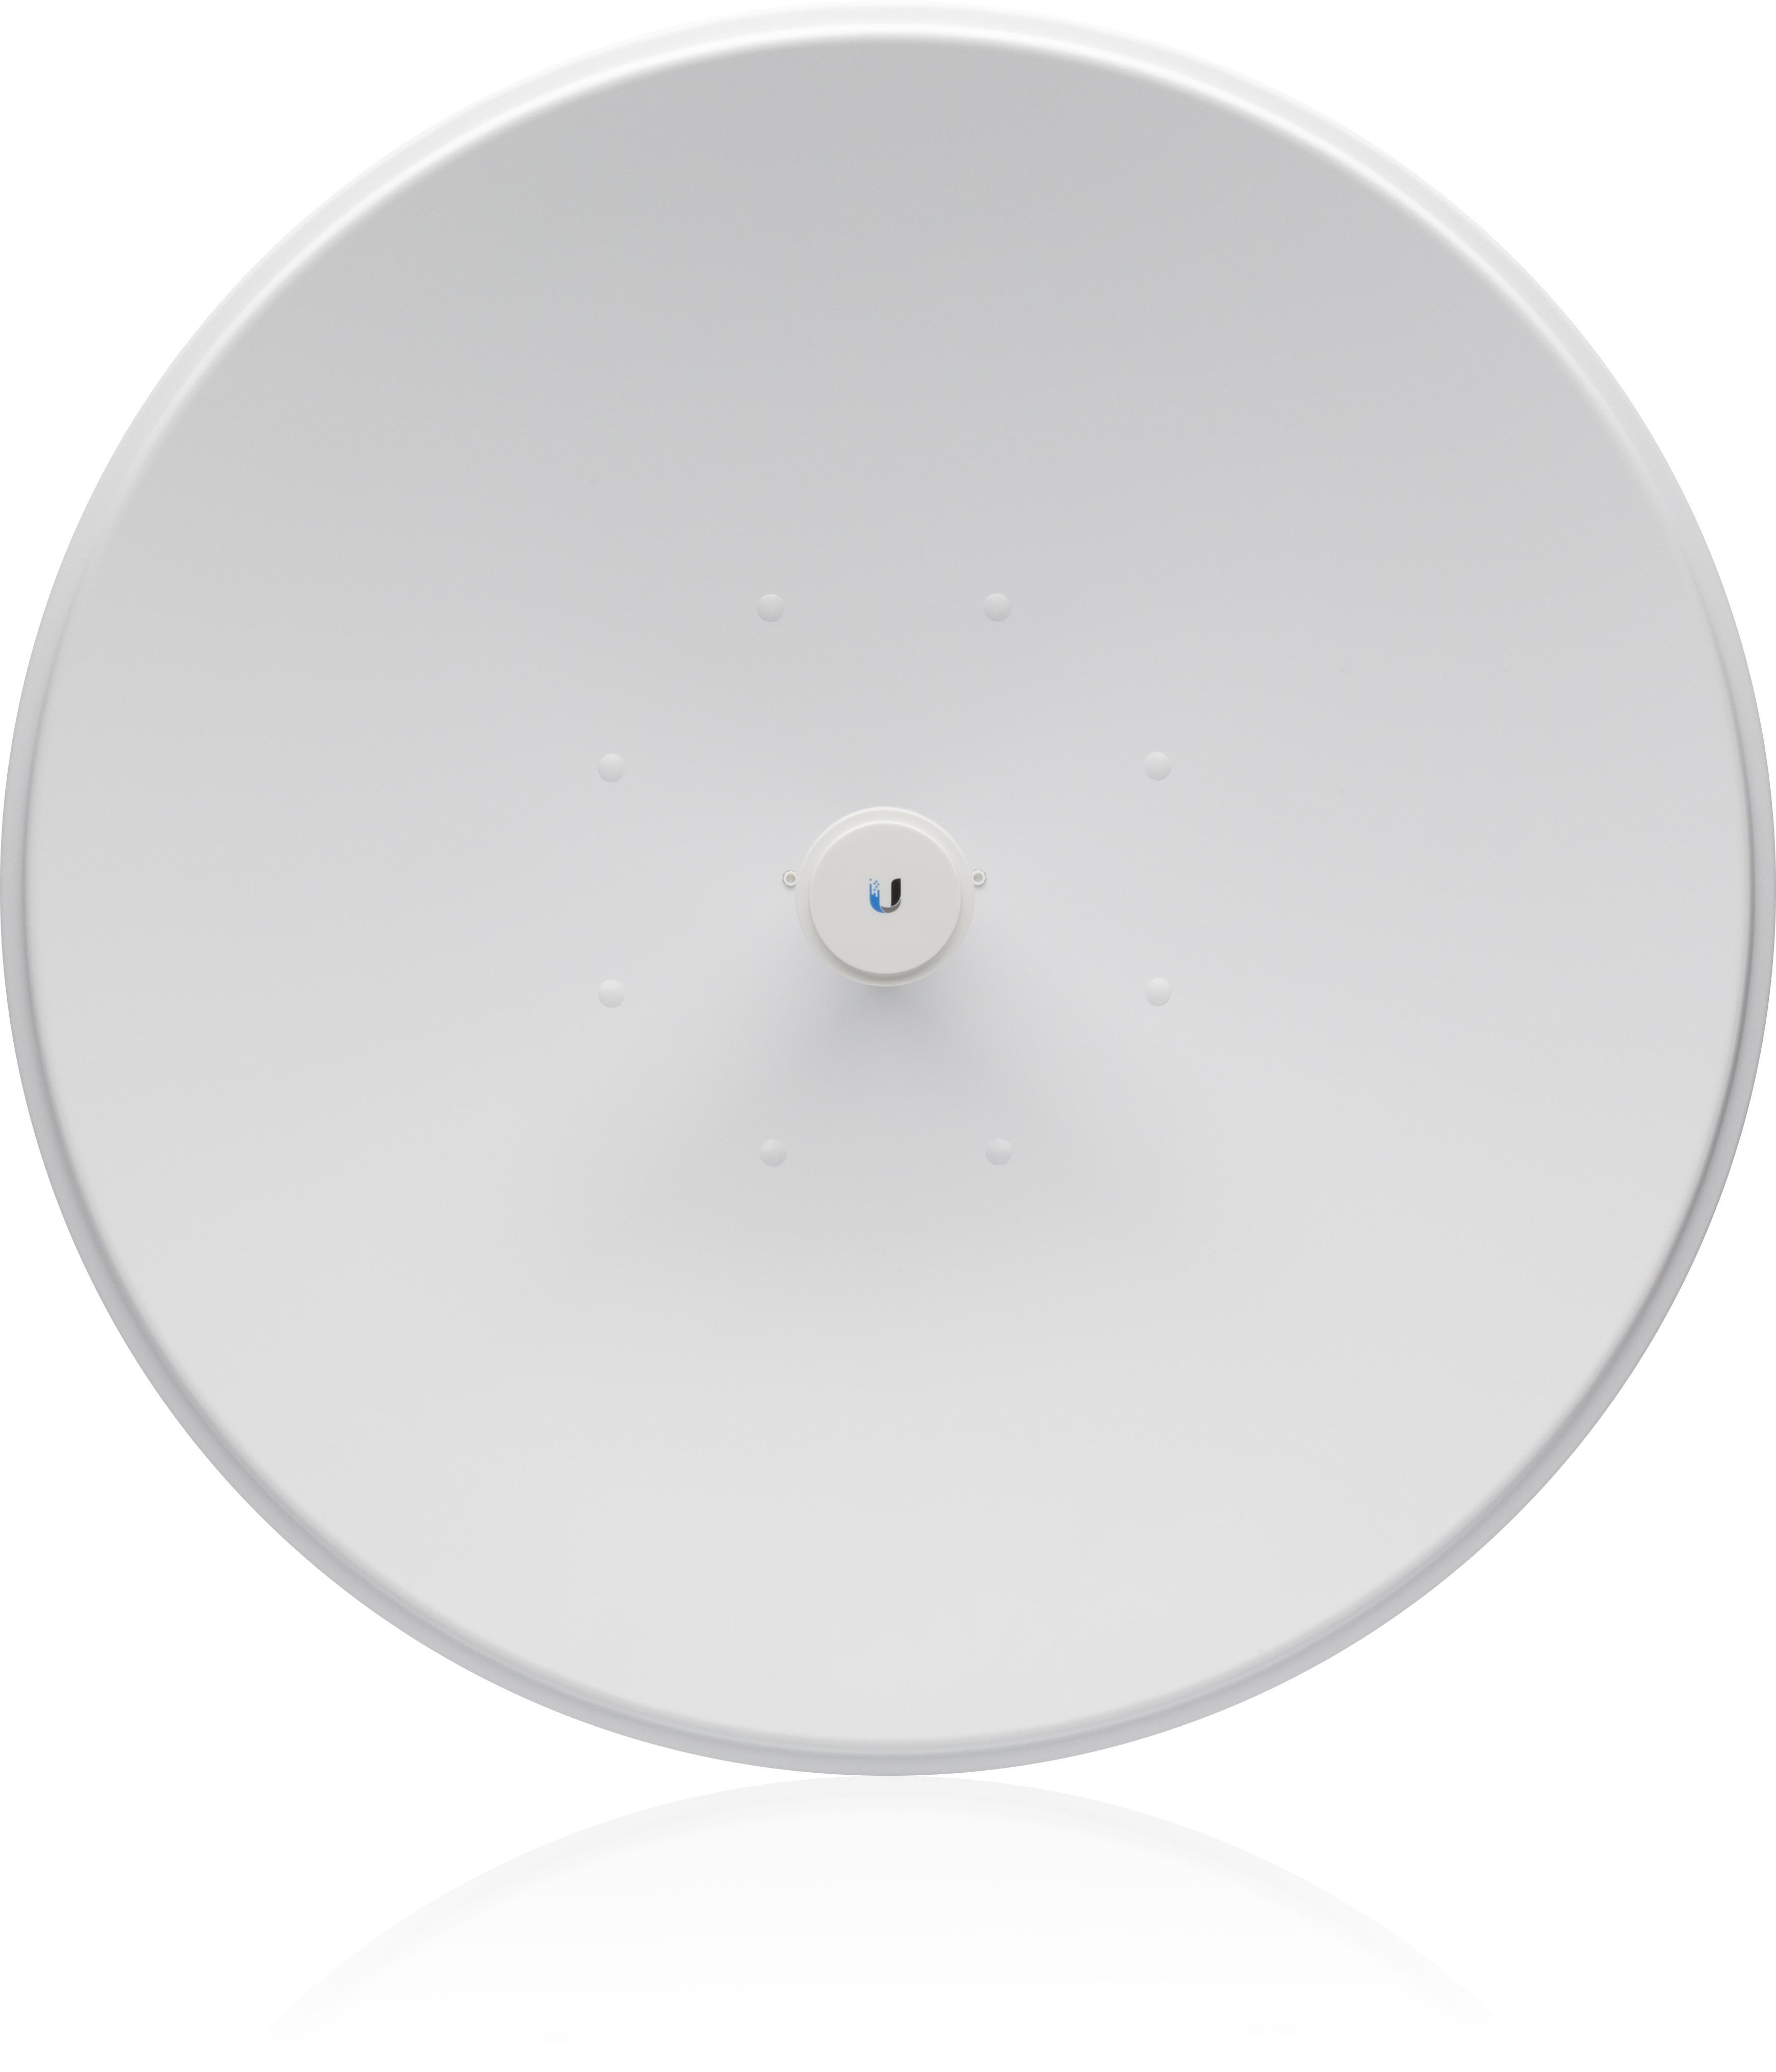 Промышленная высокоскоростная Wi-Fi точка доступа Ubiquiti Powerbeam PBE-5AC-620